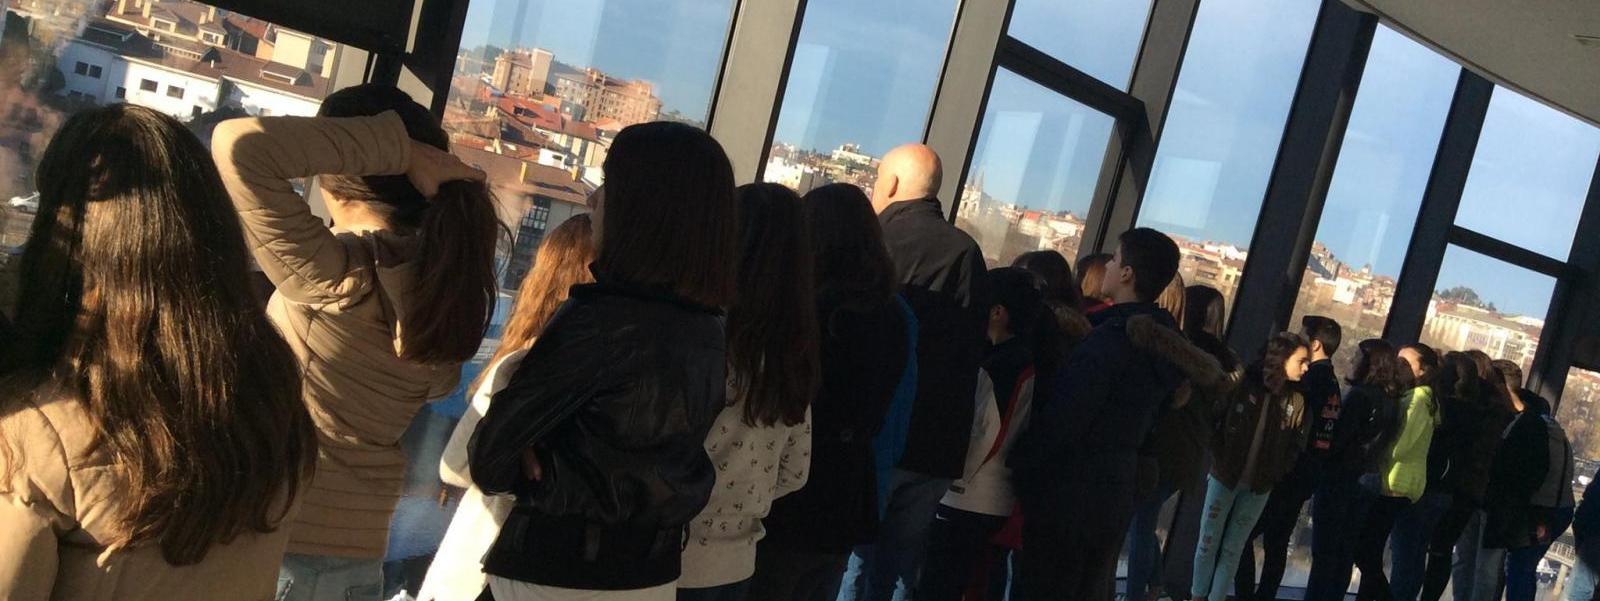 3700 escolares han participado en el programa educativo del Centro Niemeyer durante el curso 2016/2017